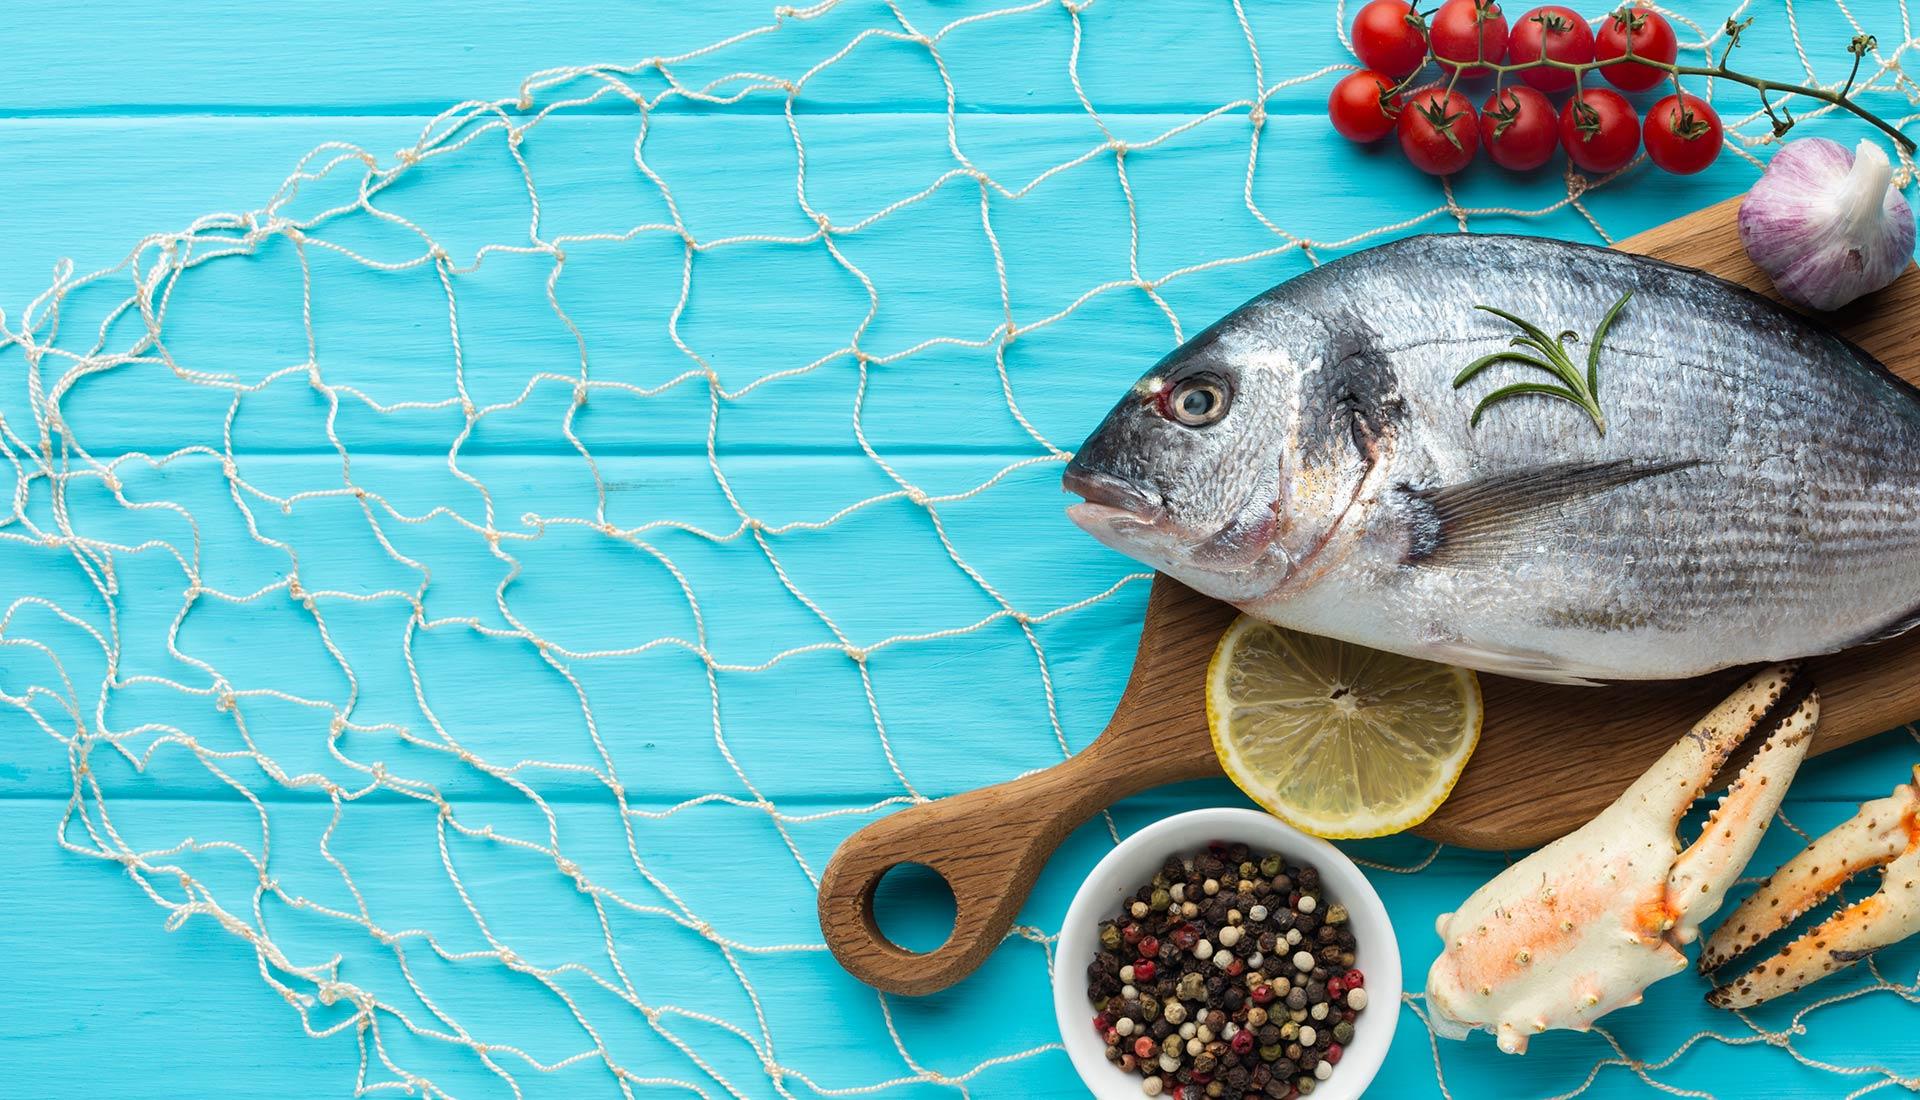 Marcopesca pescado azul